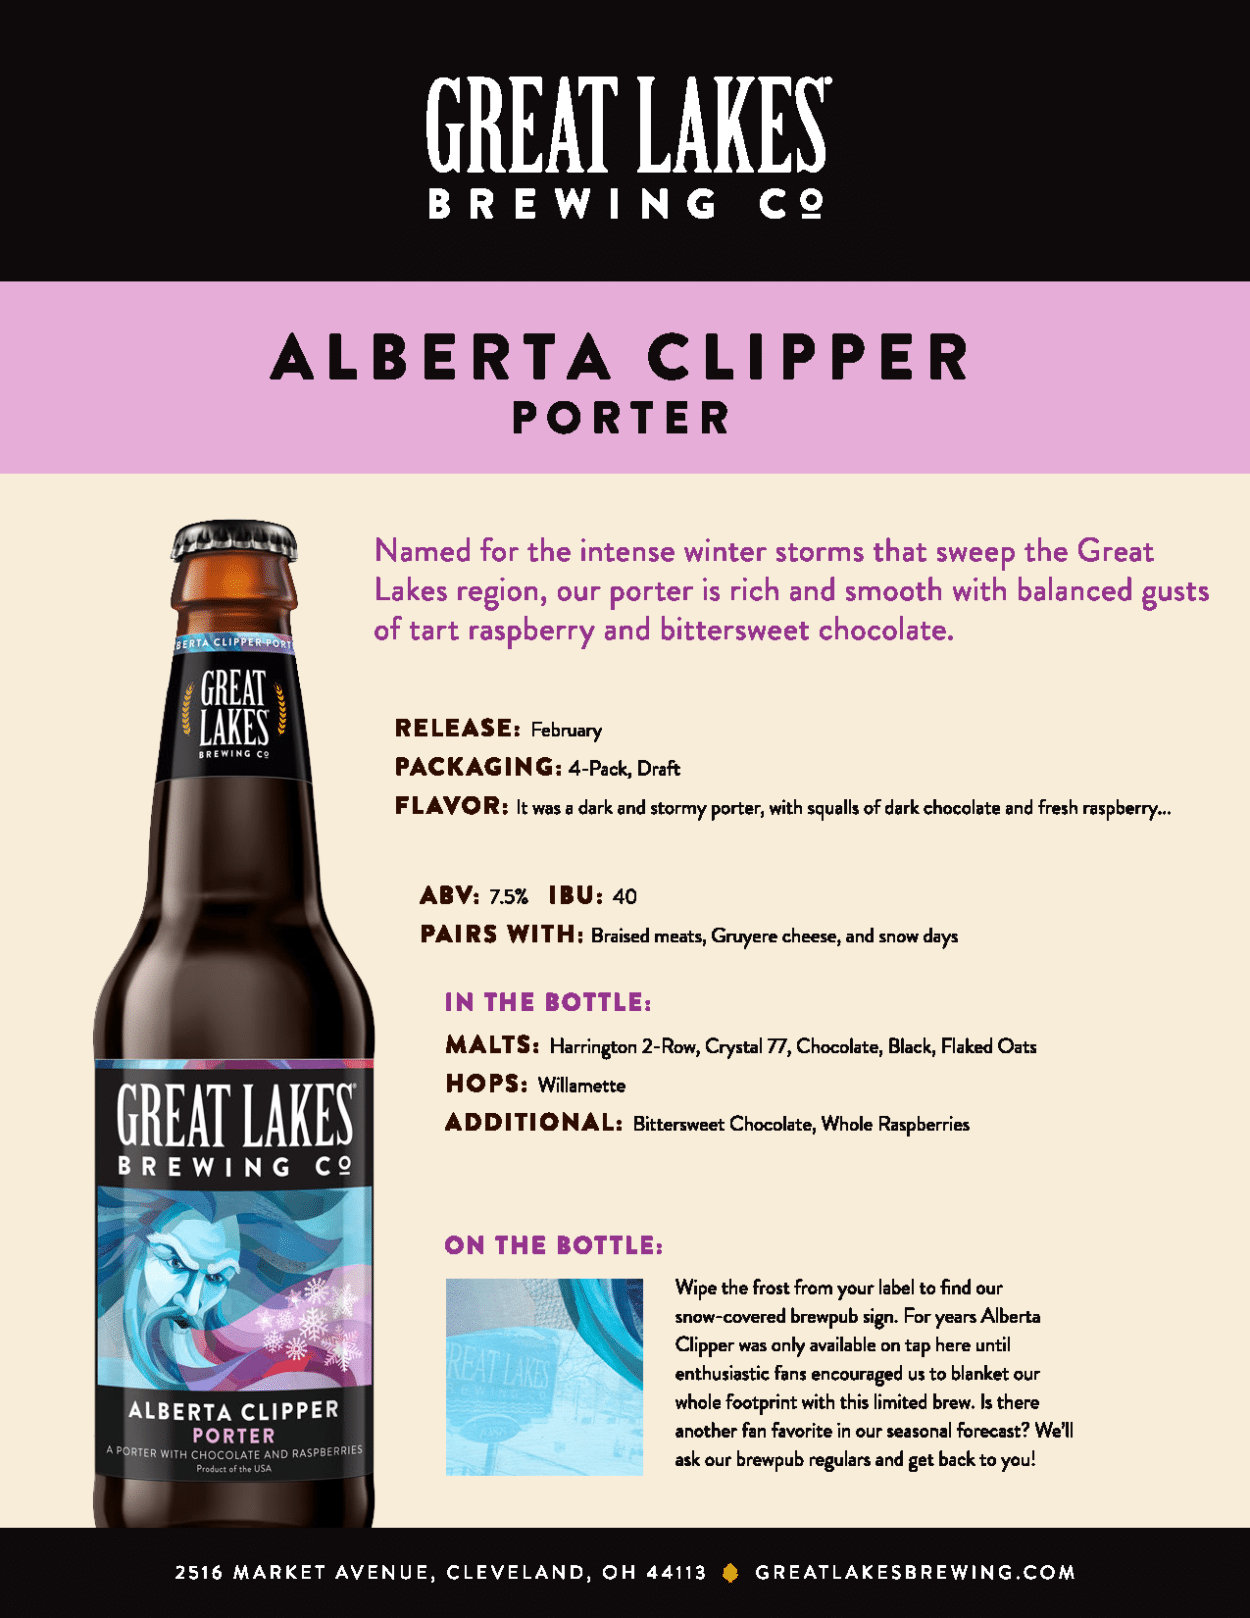 Alberta Clipper Profile (1)